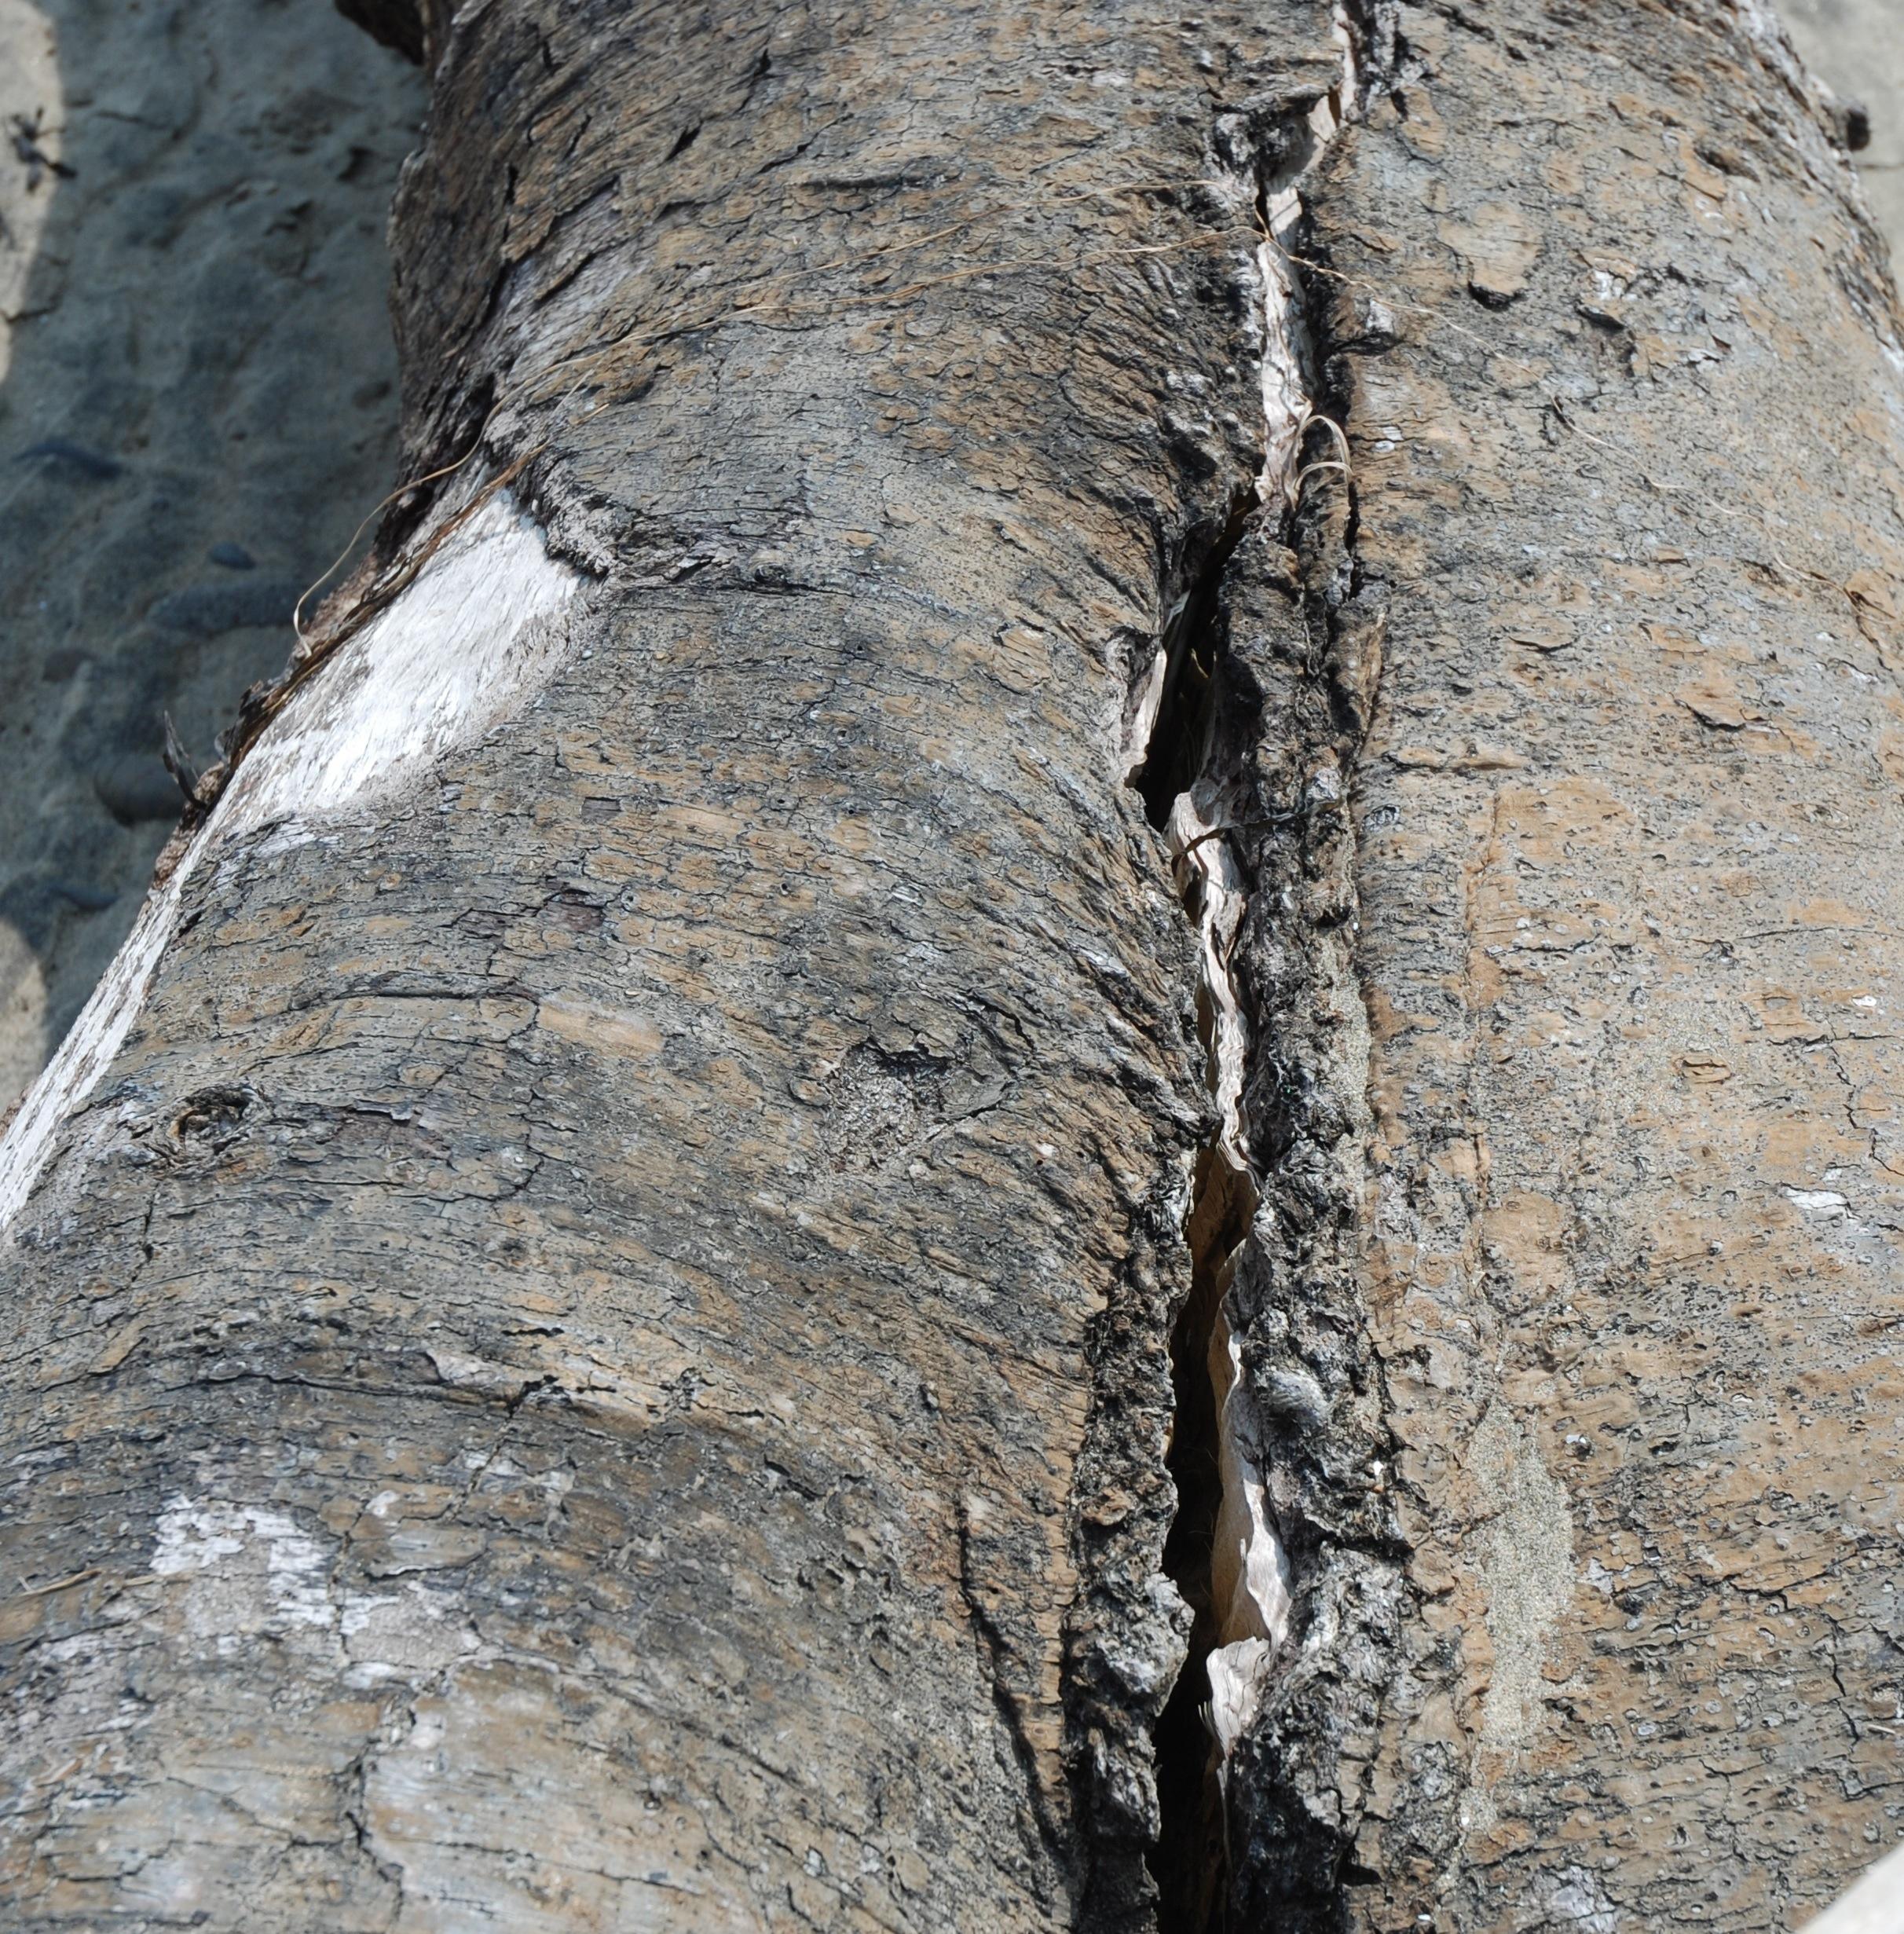 treecrack